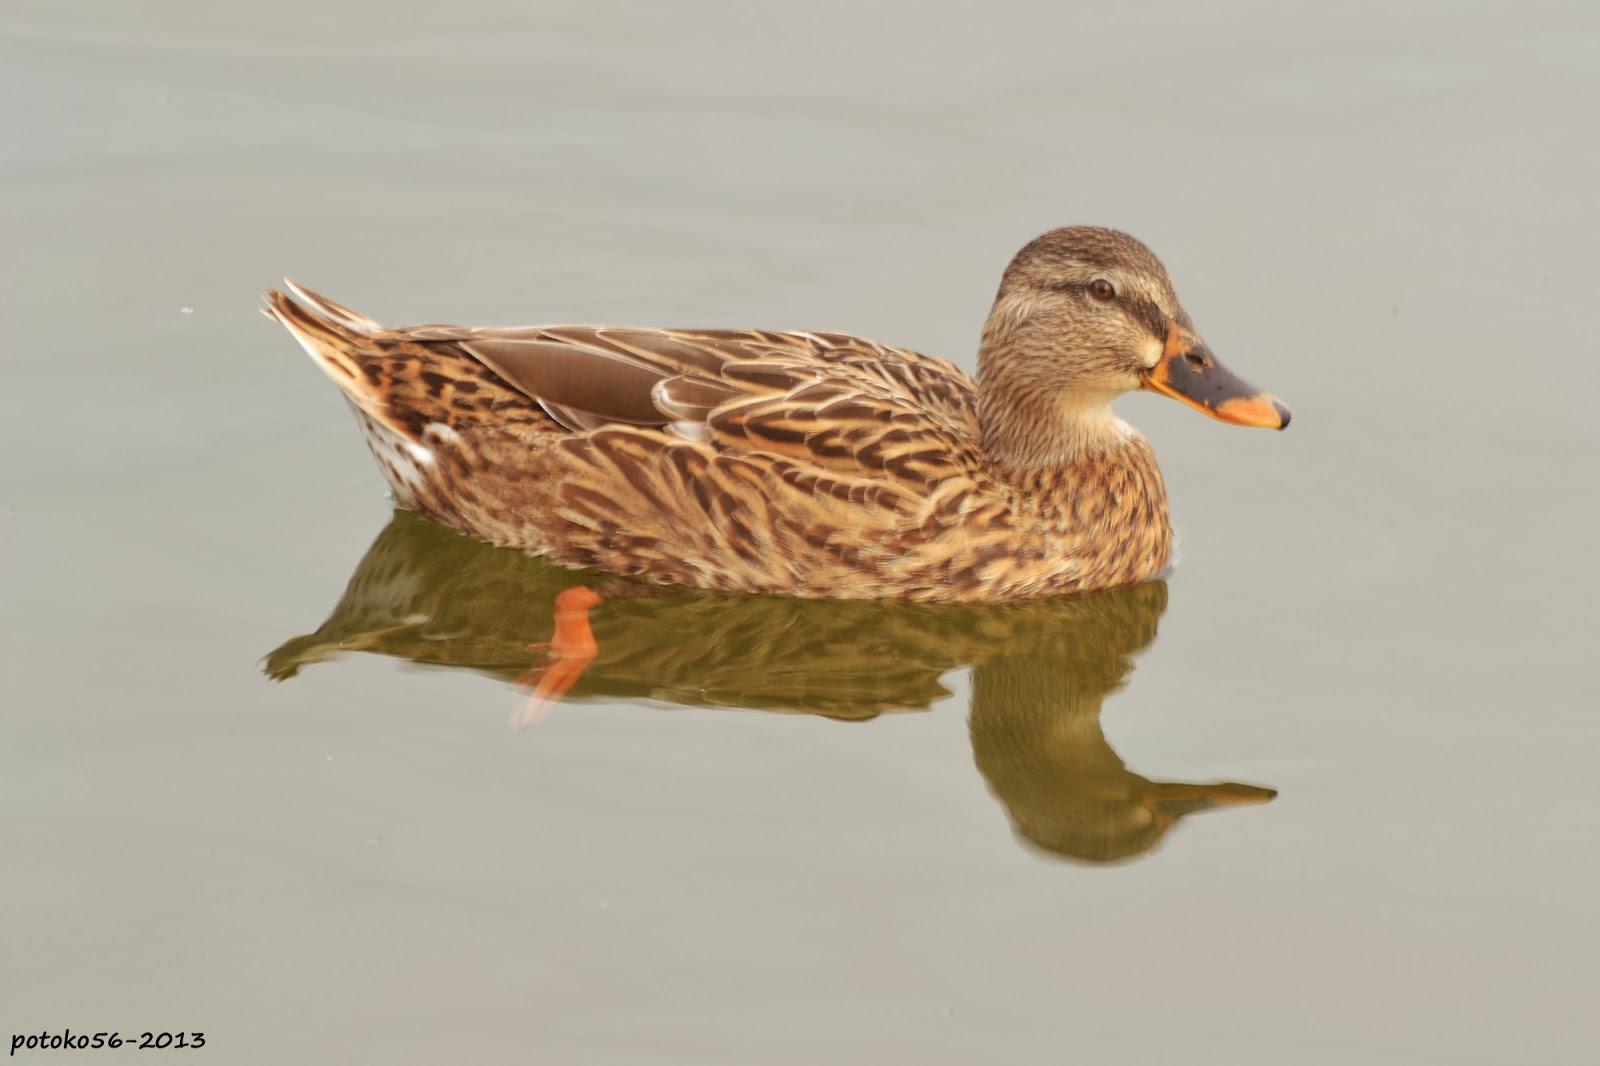 Reflejo del pato en el agua